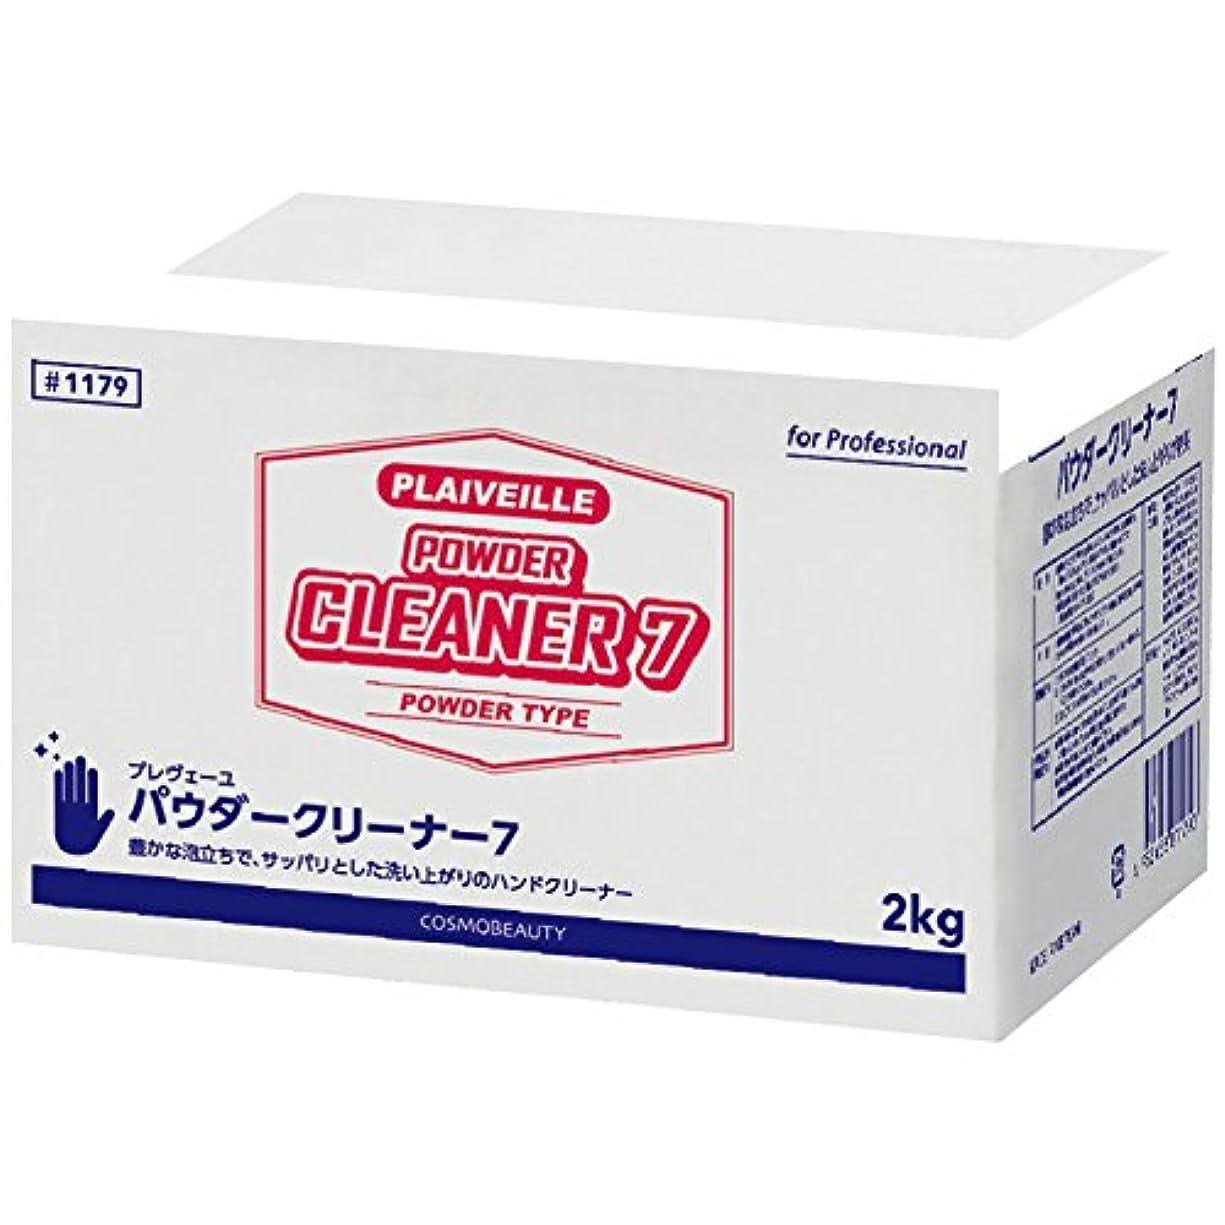 辞任八百屋不毛のコスモビューティー 業務用手洗い洗剤 パワークリーナーセブン( 旧名:クリンバーセブン) 2kg×4個 / 1179